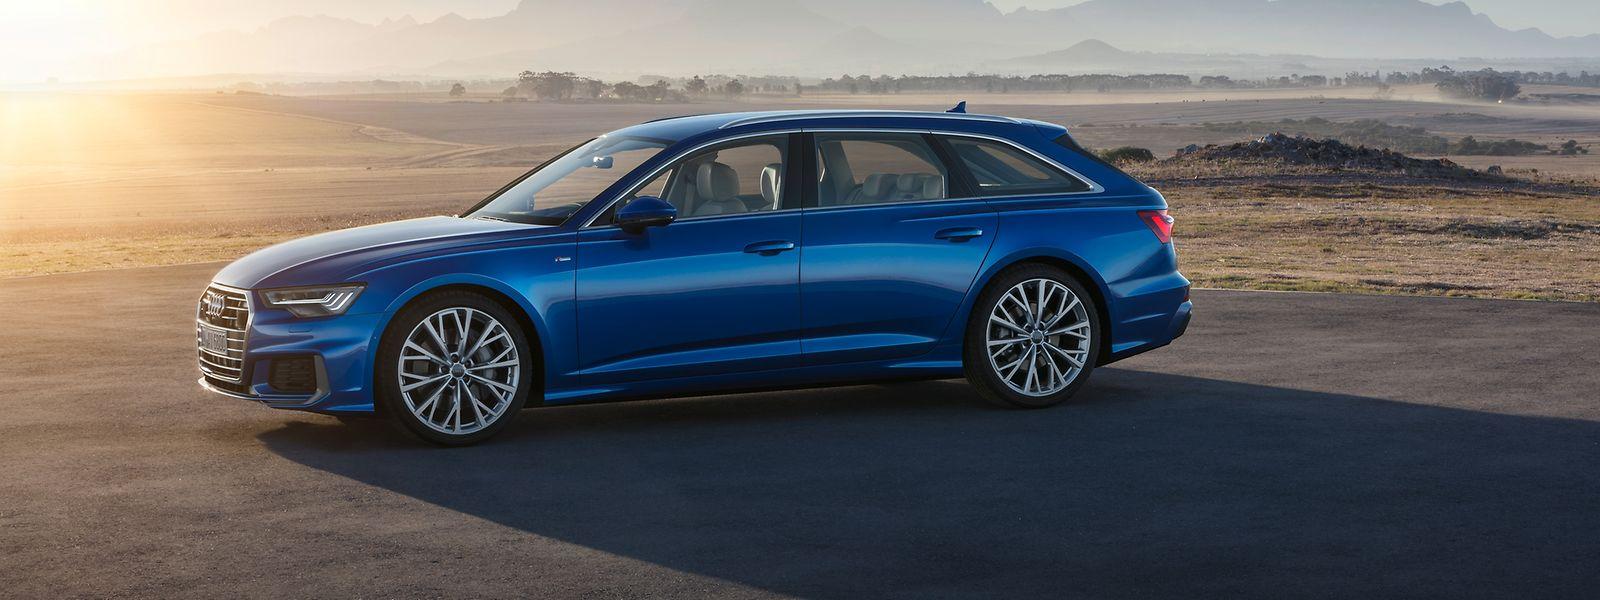 Länge läuft: Der neue Audi A6 Avant steht dynamischer auf den Rädern als sein Vorgänger.